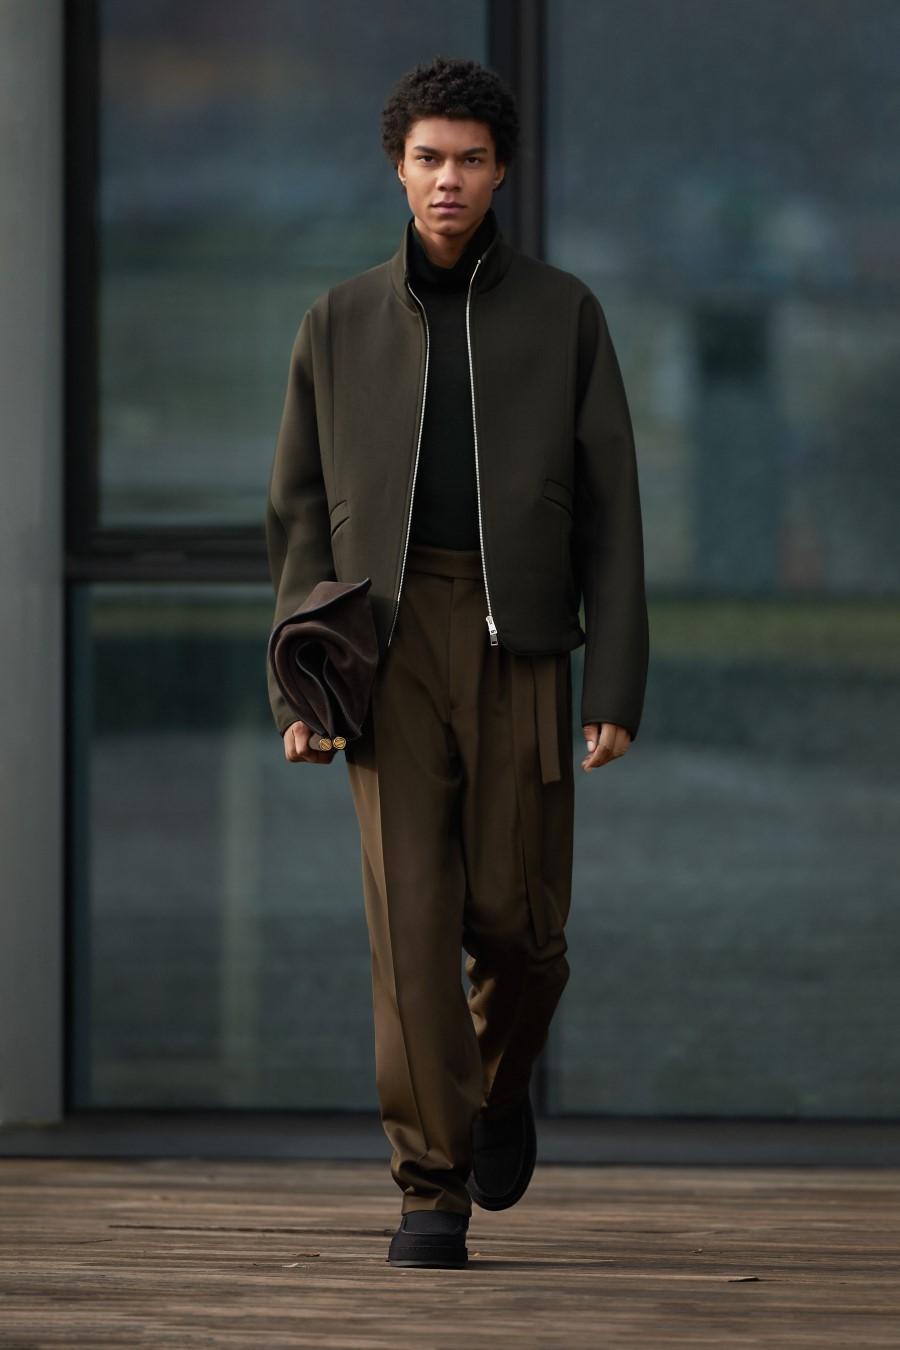 Ermenegildo Zegna Fall Winter 2021 - Milan Fashion Week Men's